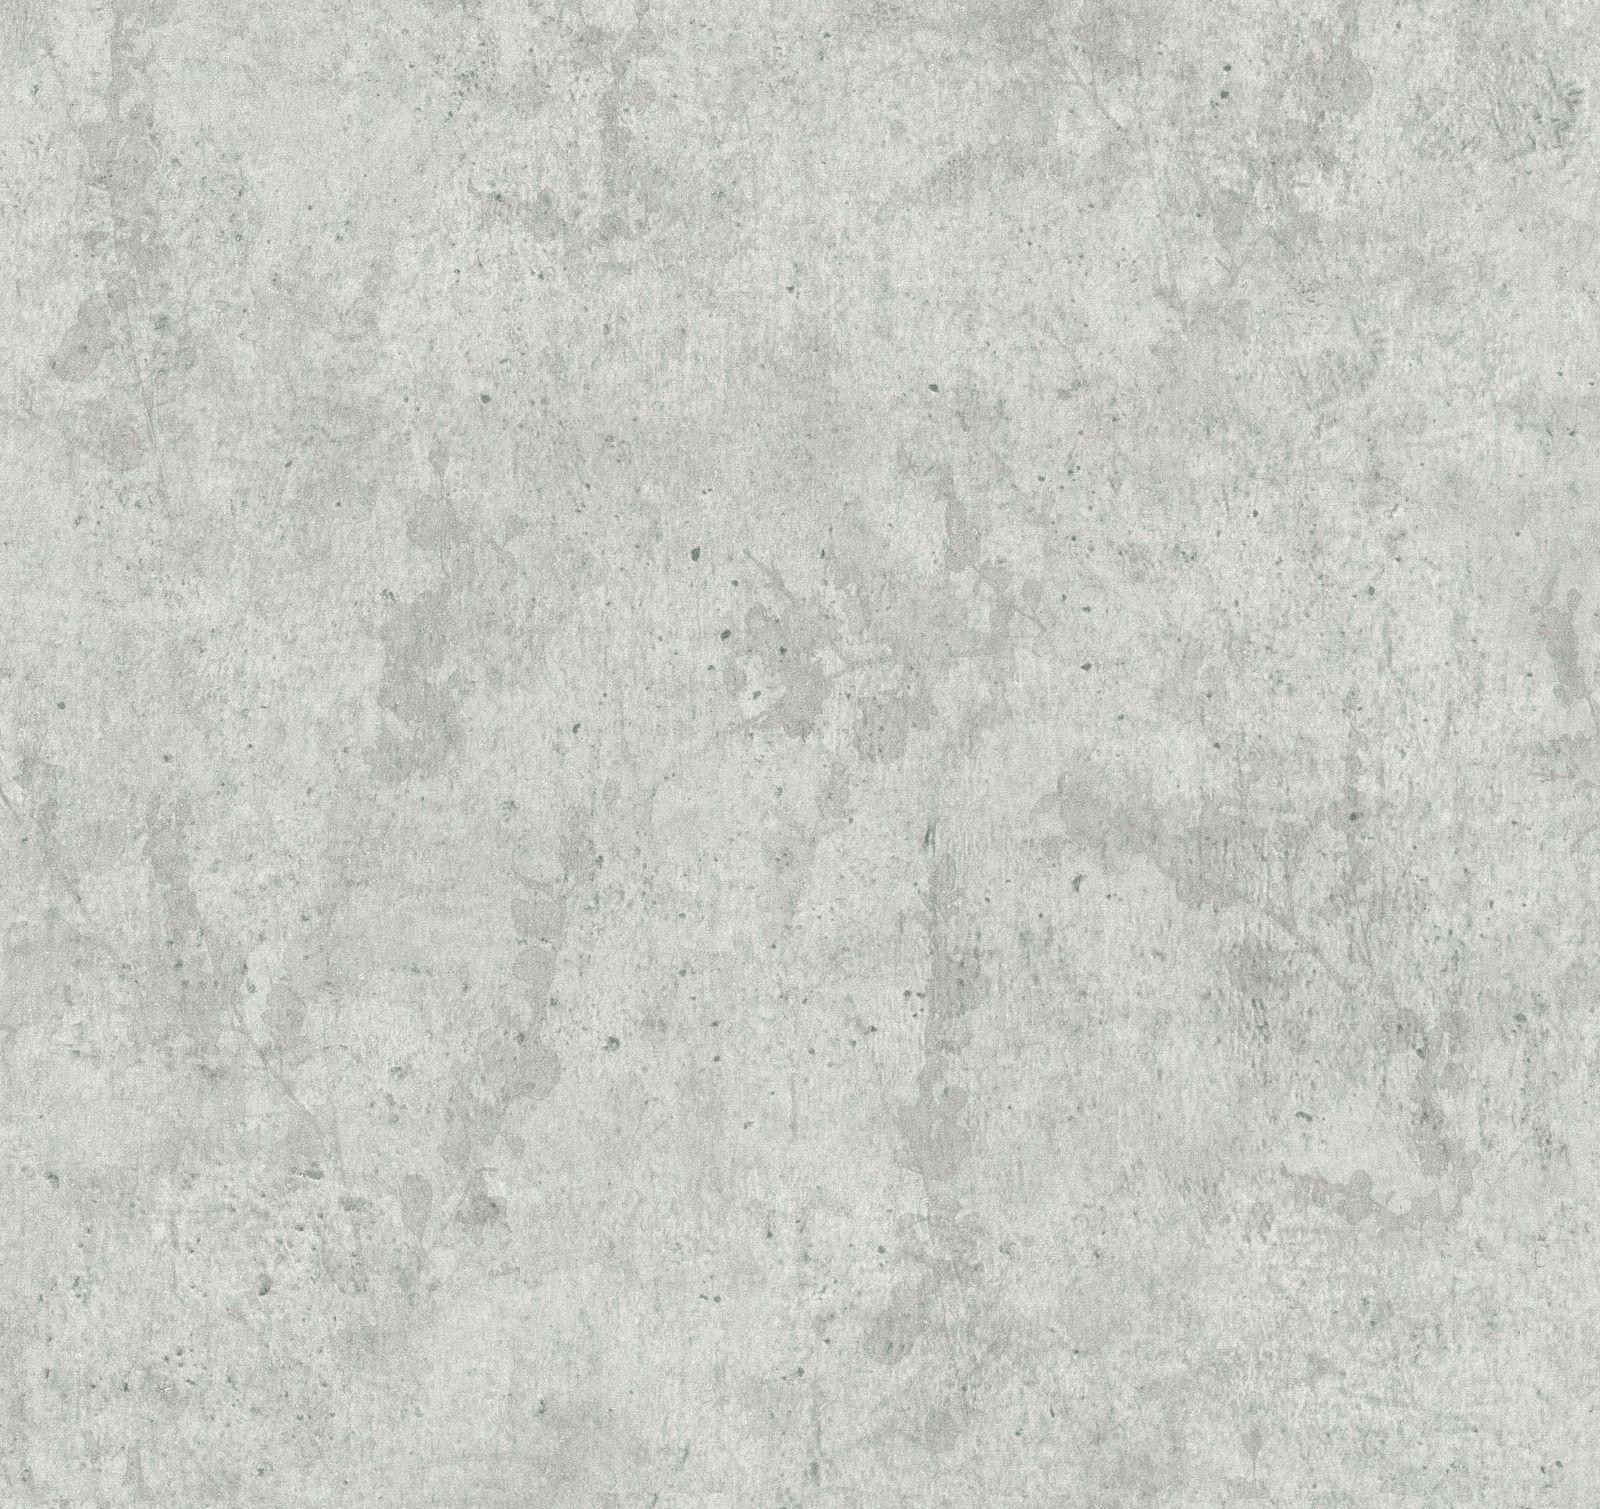 Merveilleux Tapete Guido Maria Kretschmer Beton Grau 02462 10